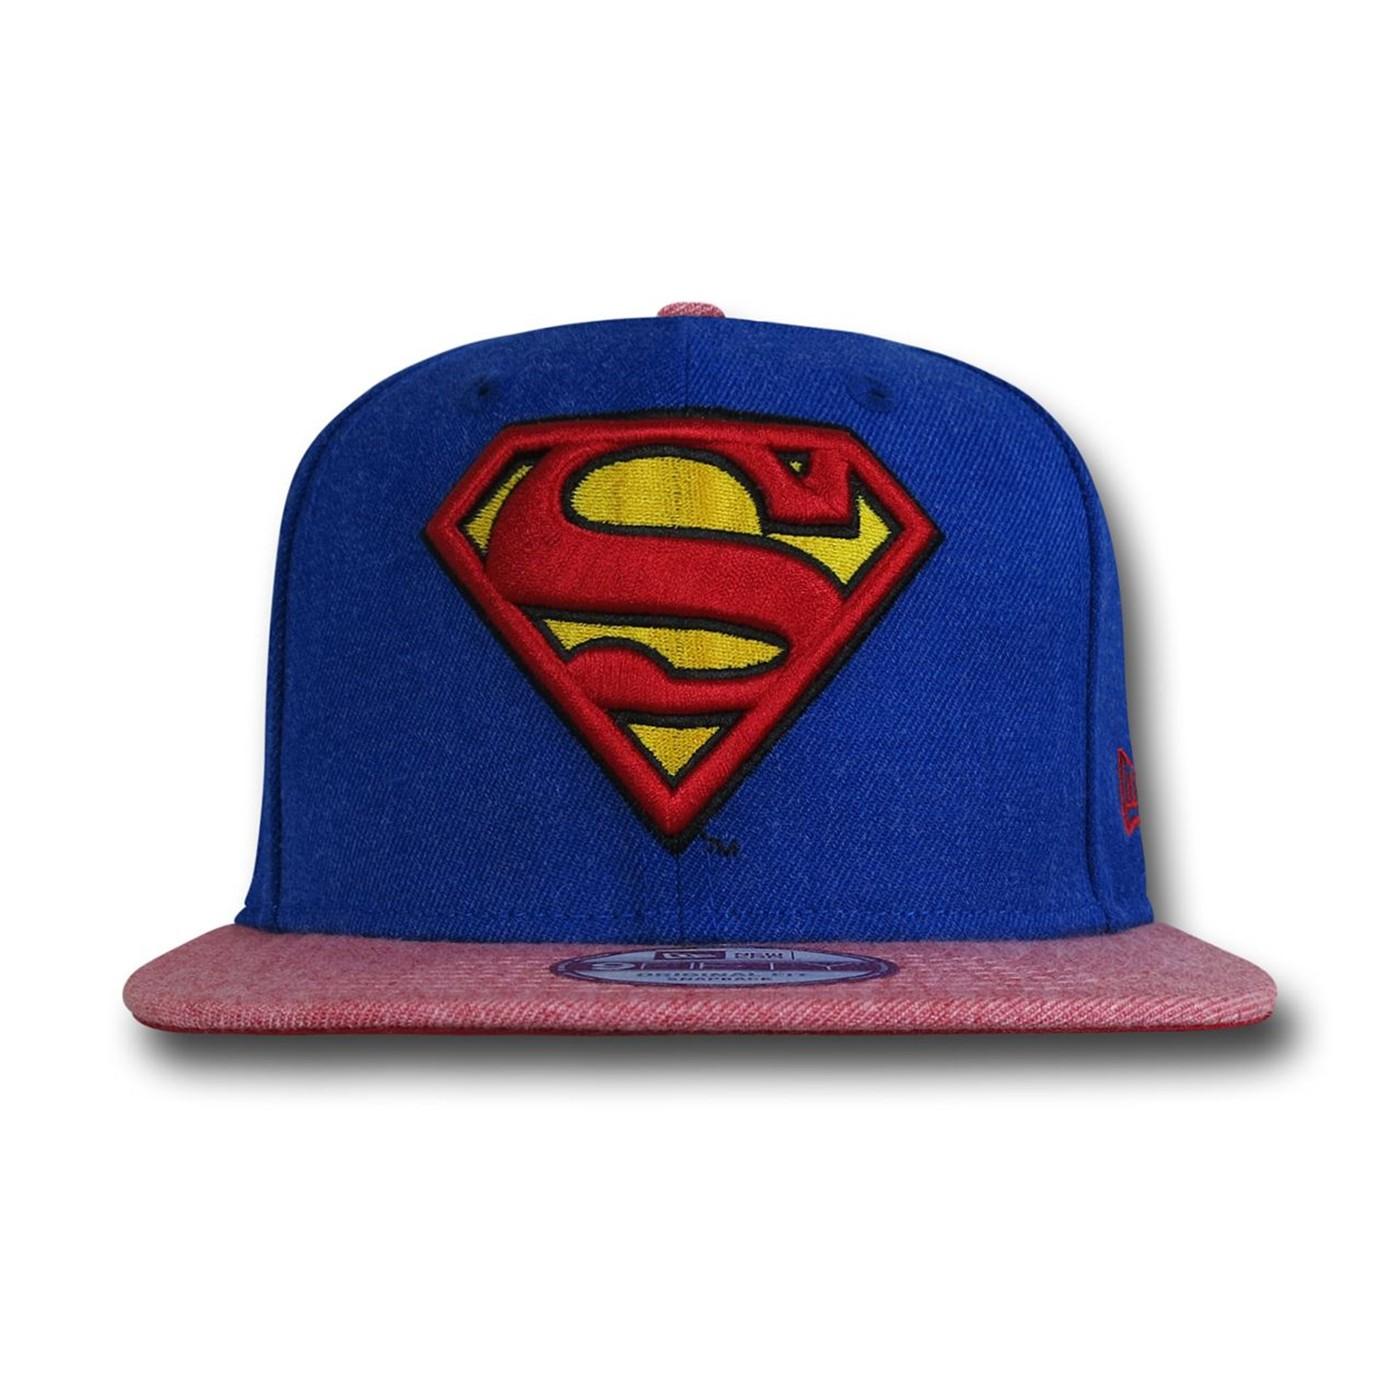 Superman Hero Heather New Era 9Fifty Cap